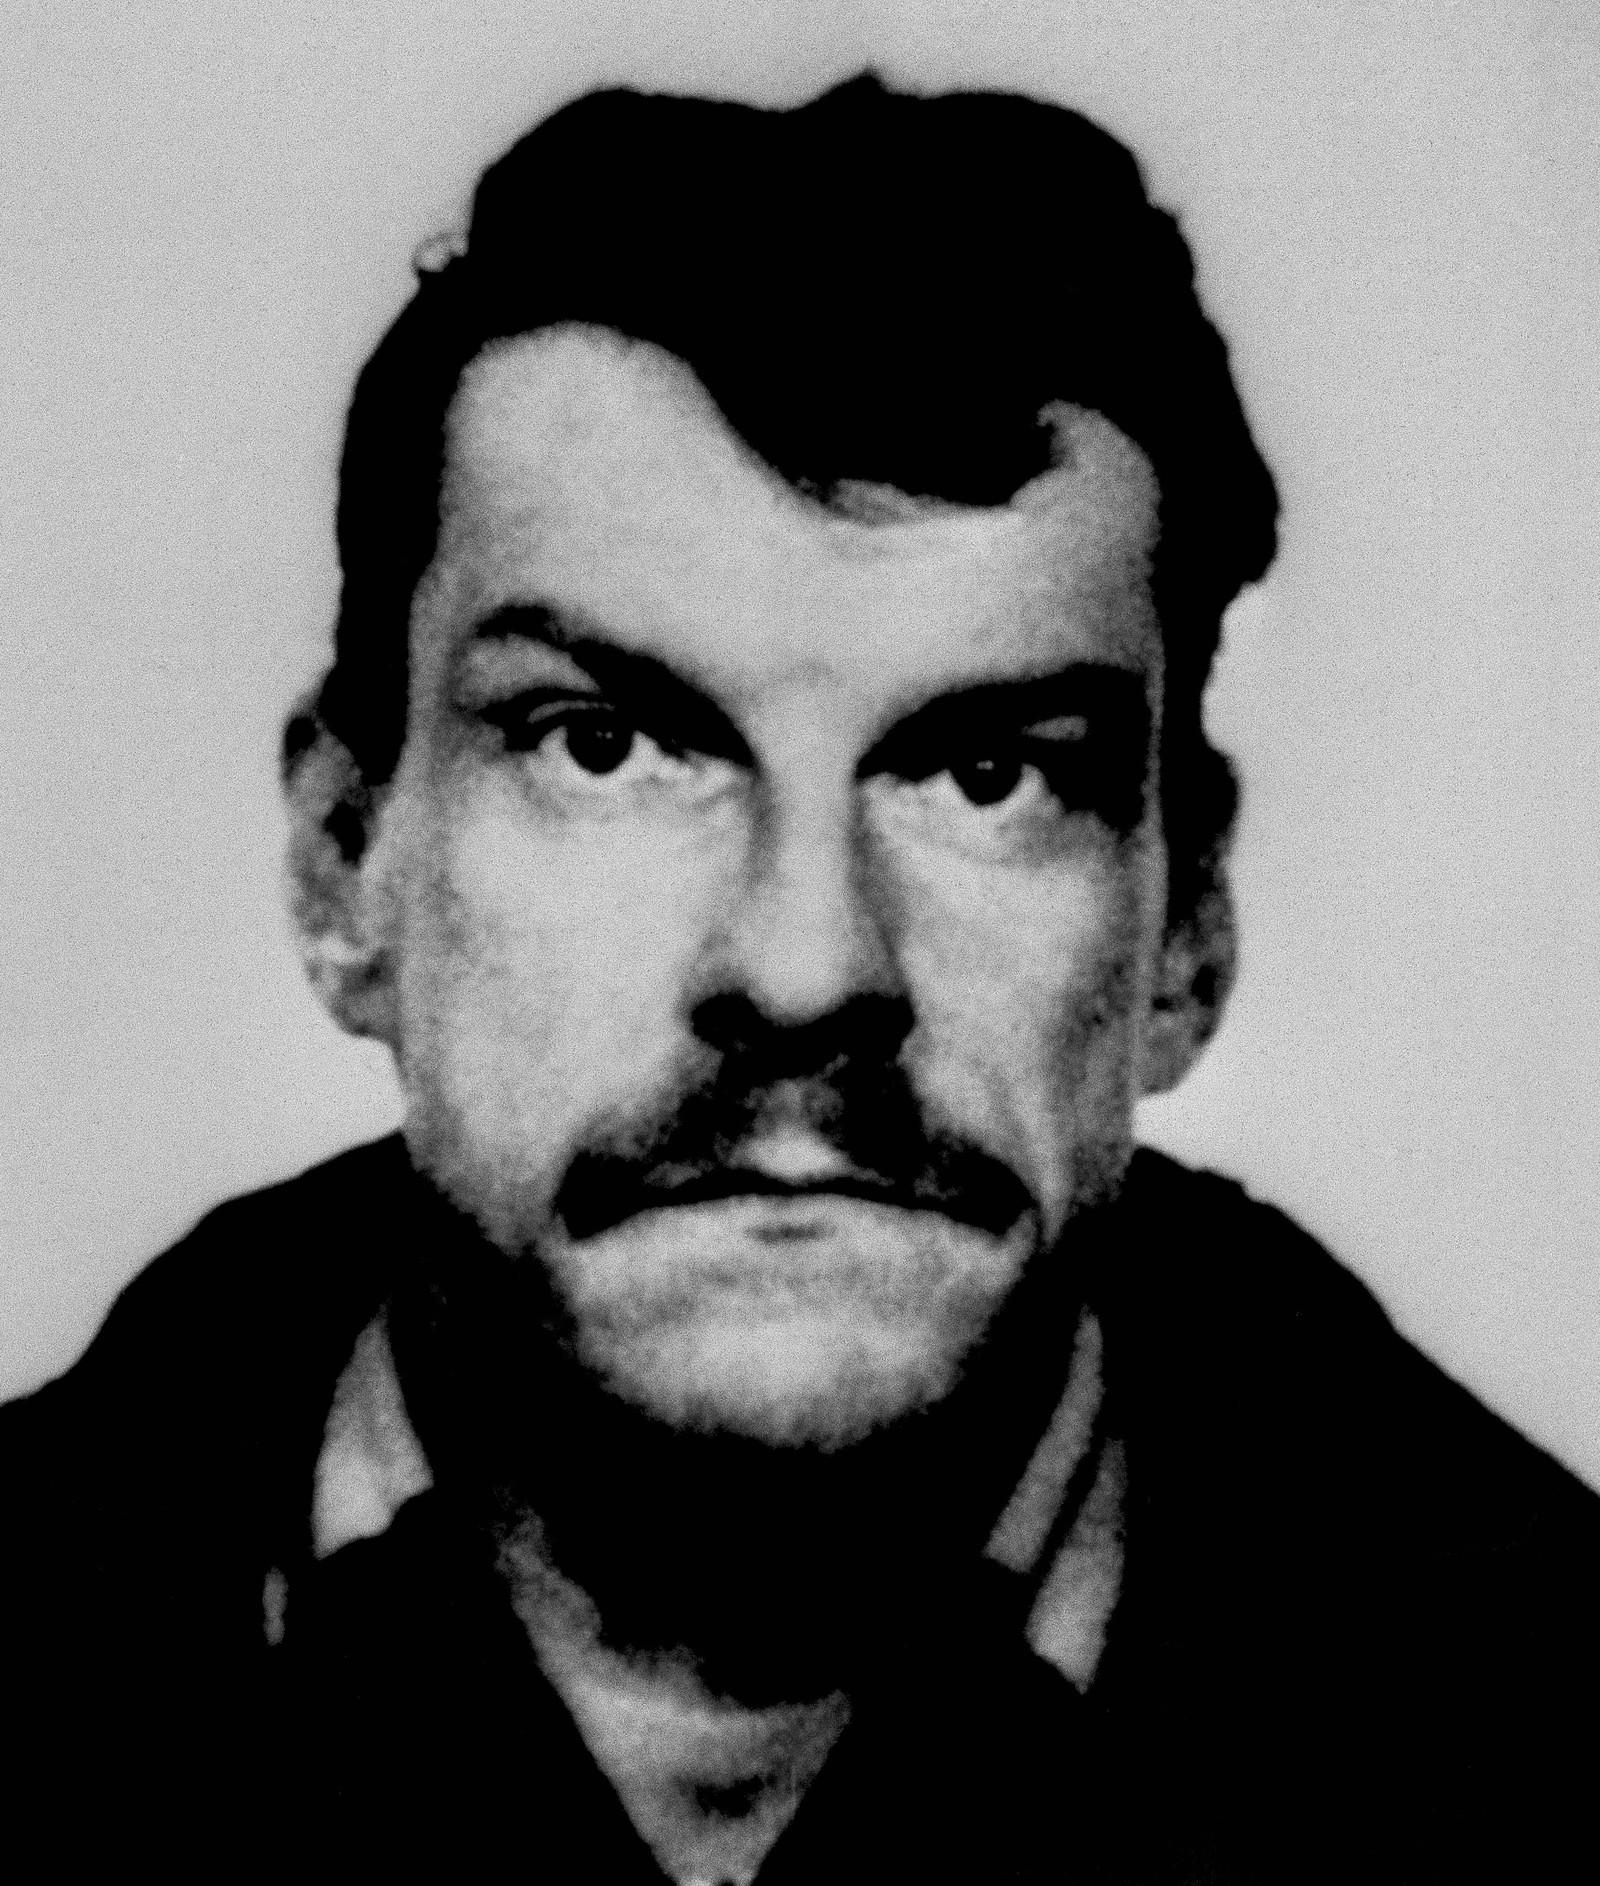 Svenske Christer Pettersson ble i 1988/1989 pågrepet og senere dømt for drapet på Olof Palme. Dommen ble imidlertid opphevet 1989 og Pettersson løslatt.